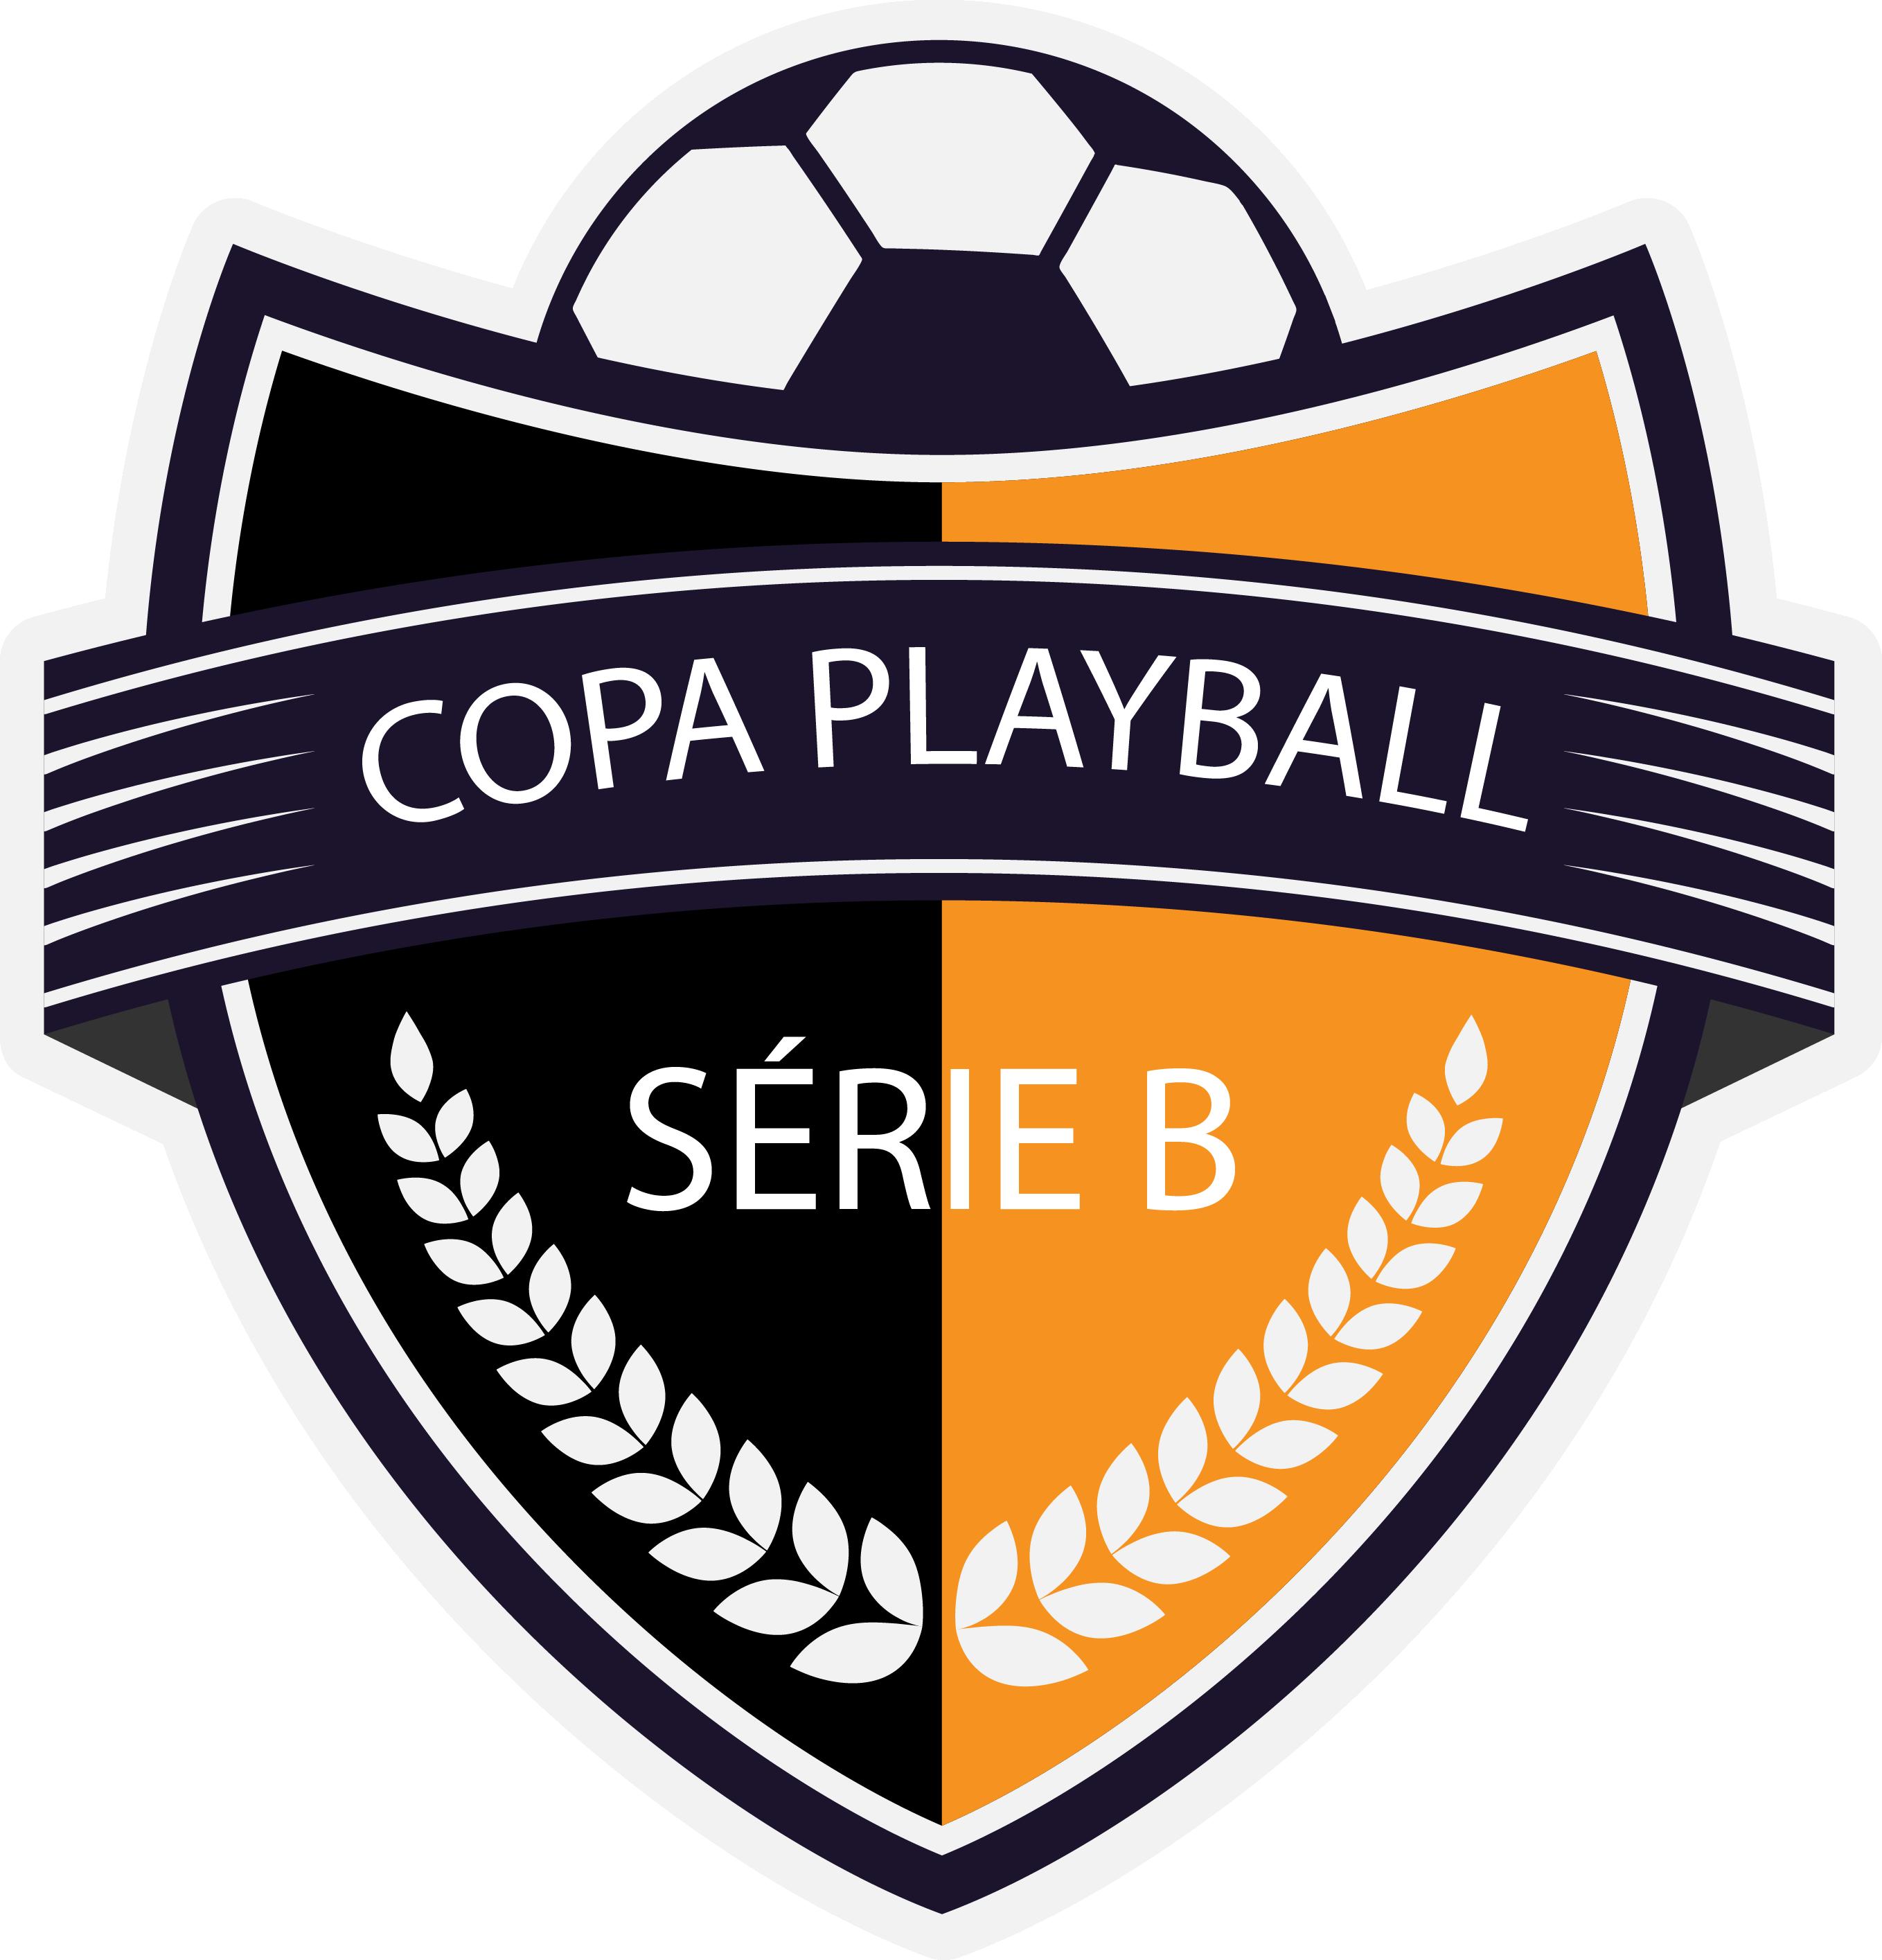 XIII Copa Playball Pompeia Série B